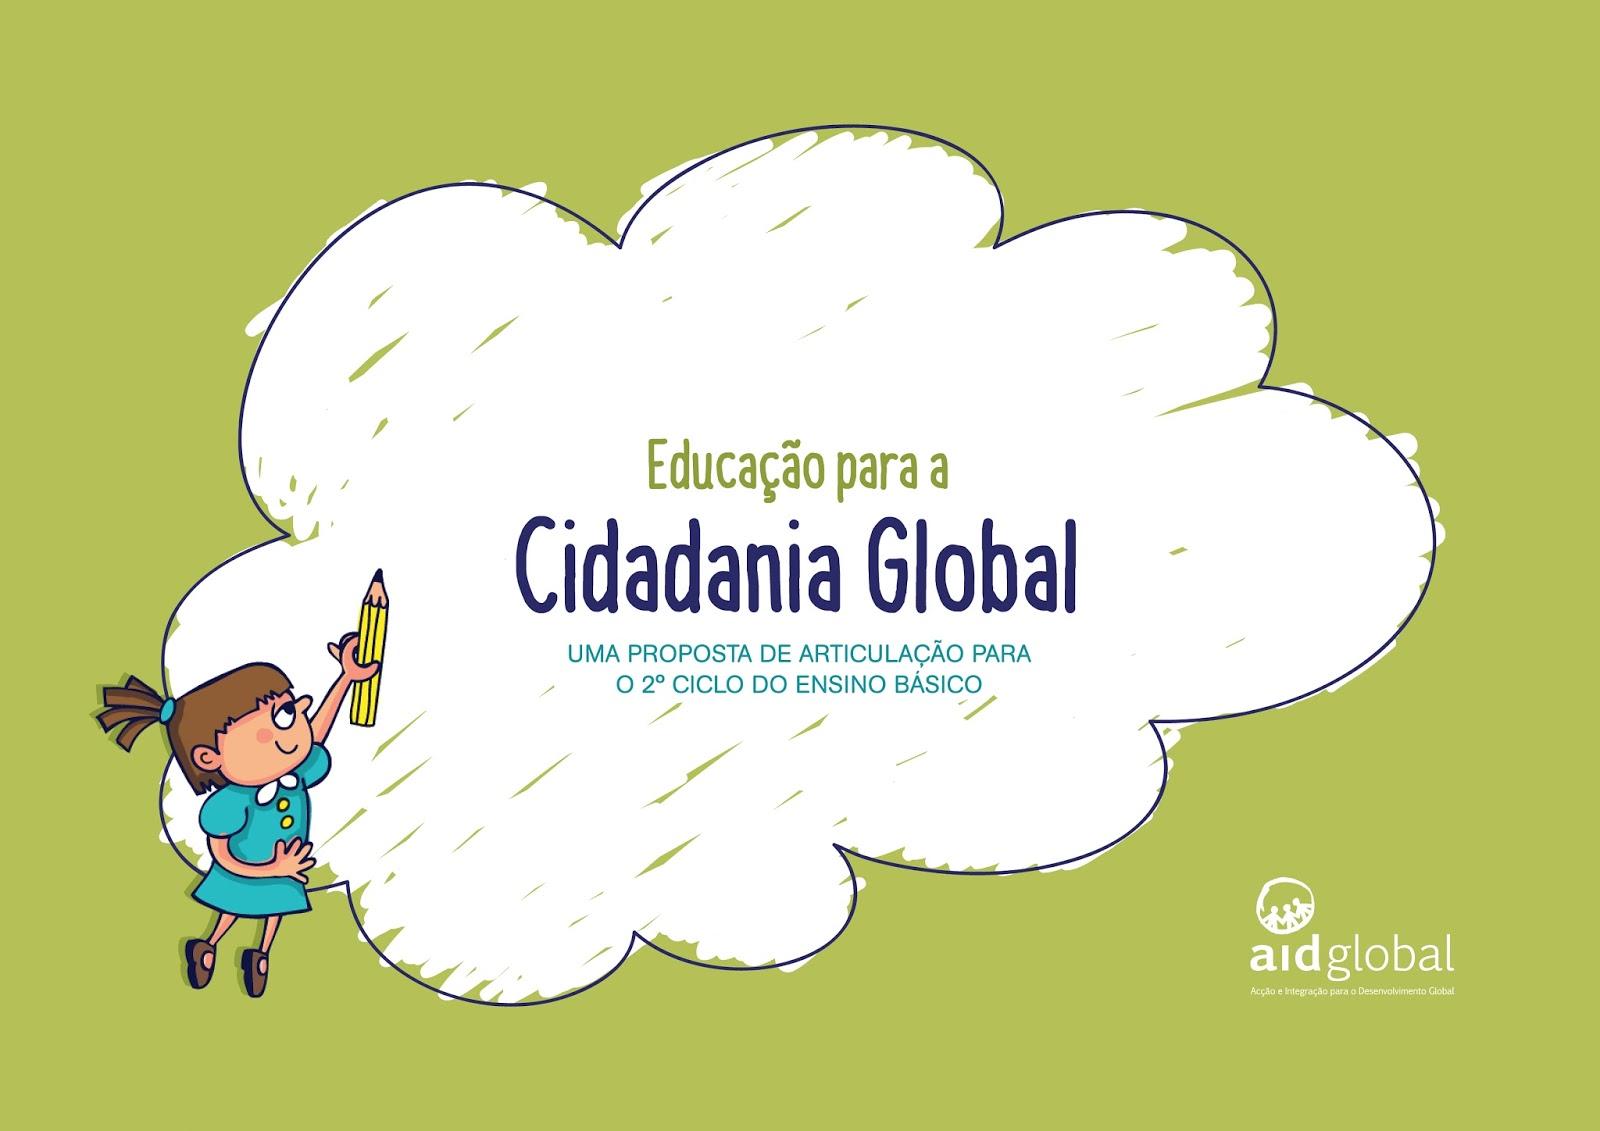 Array - a m  scara  educa    o para a cidadania global  rh   mascaralmeida blogspot com